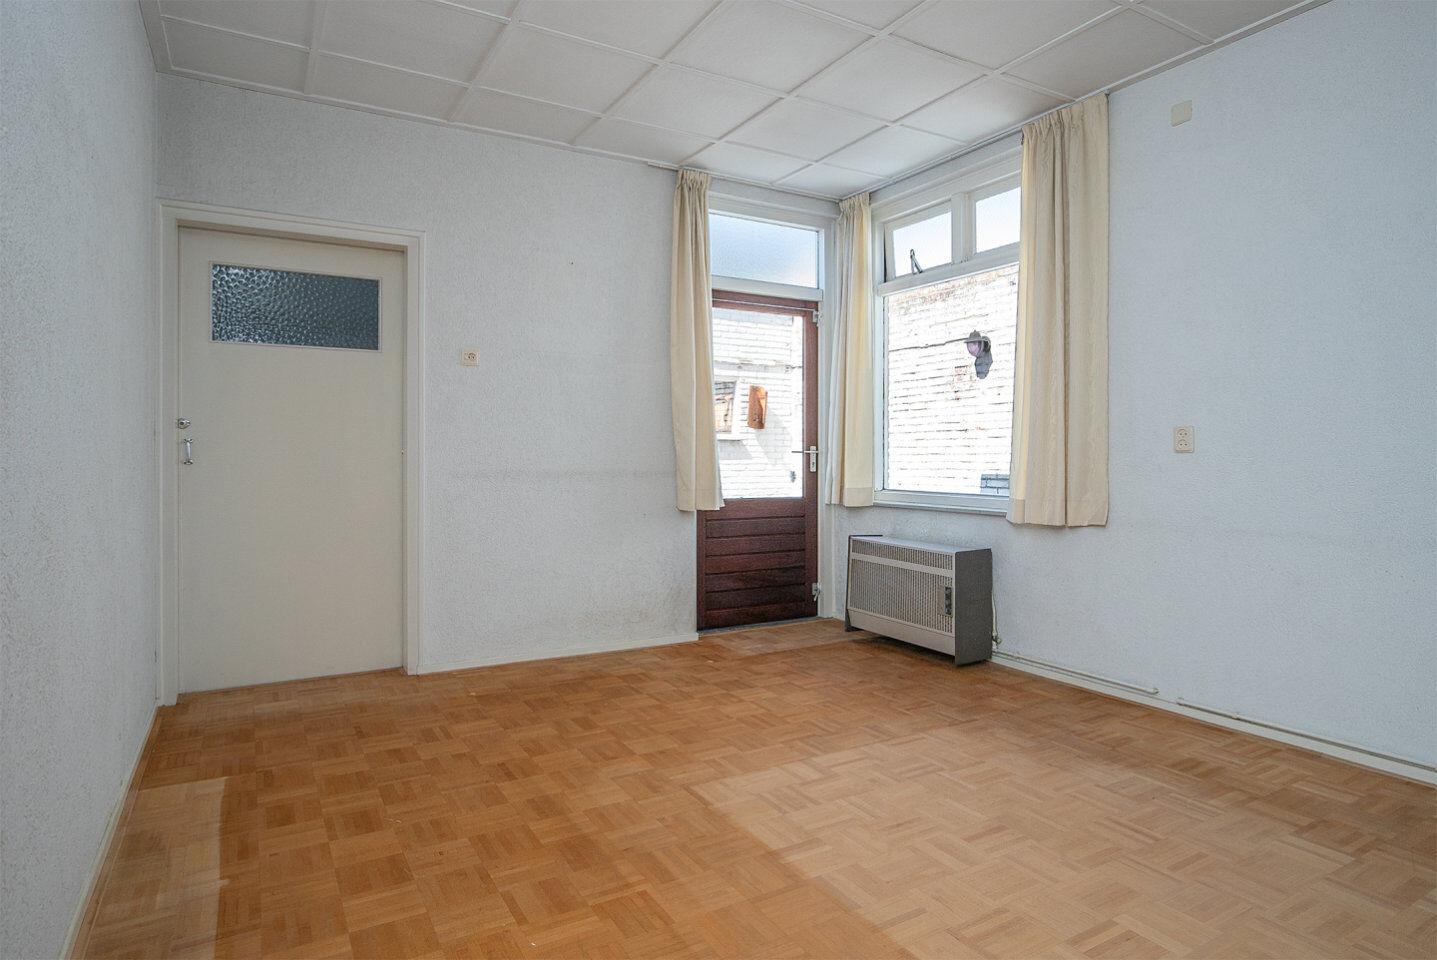 27203-de_ram_van_hagedoornstraat_13-steenbergen-448427740